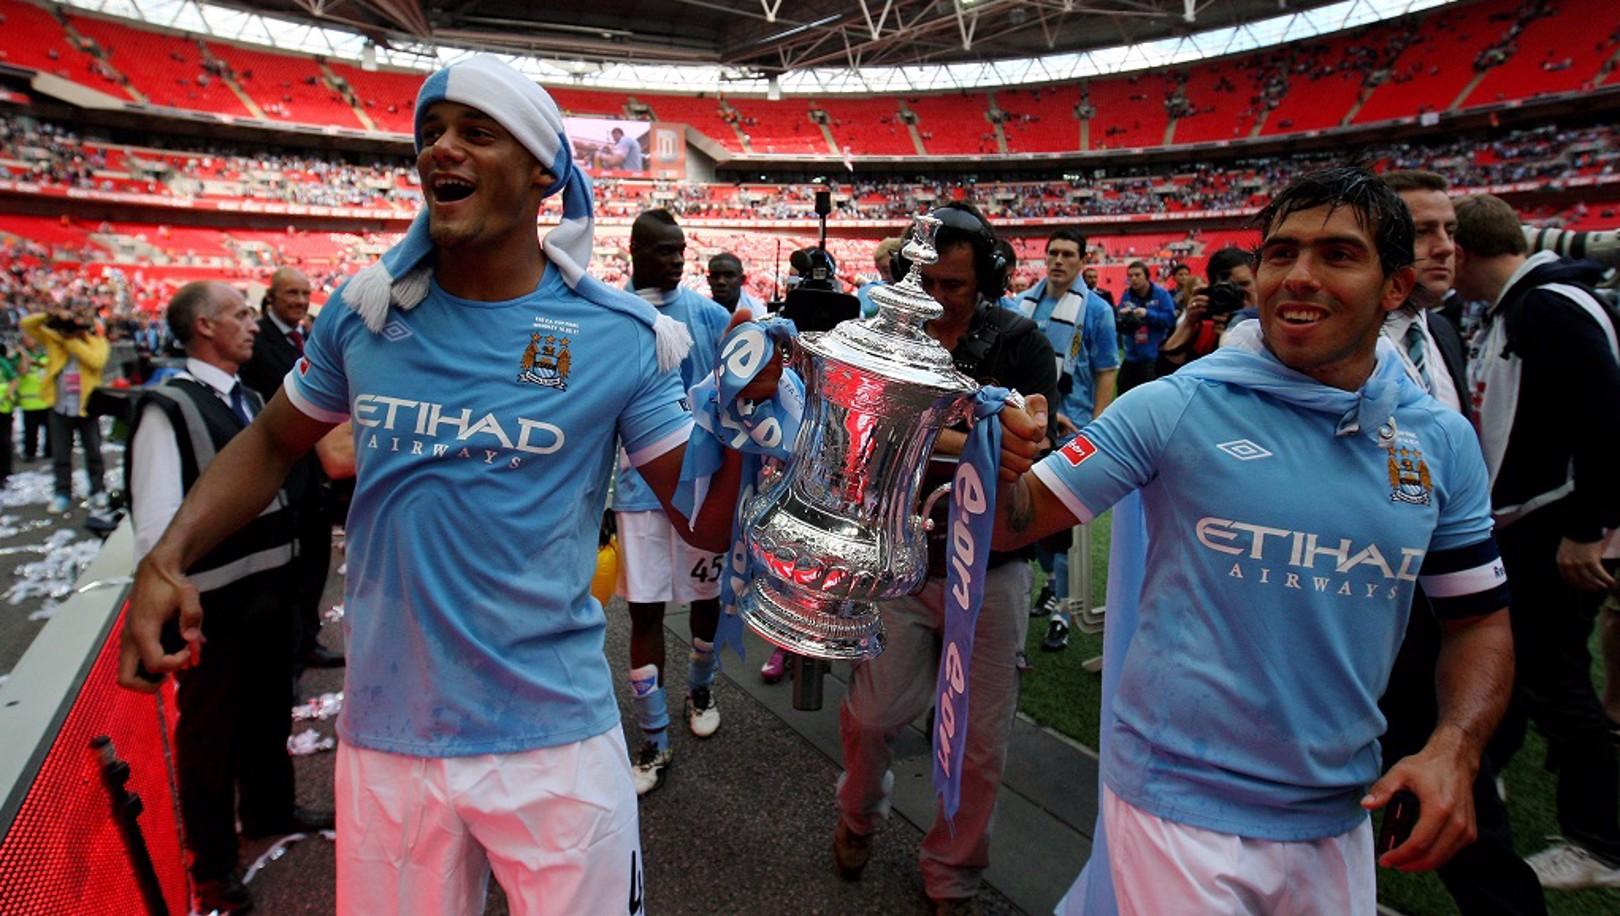 La FA Cup que el City ganó en la temporada 2010/11.